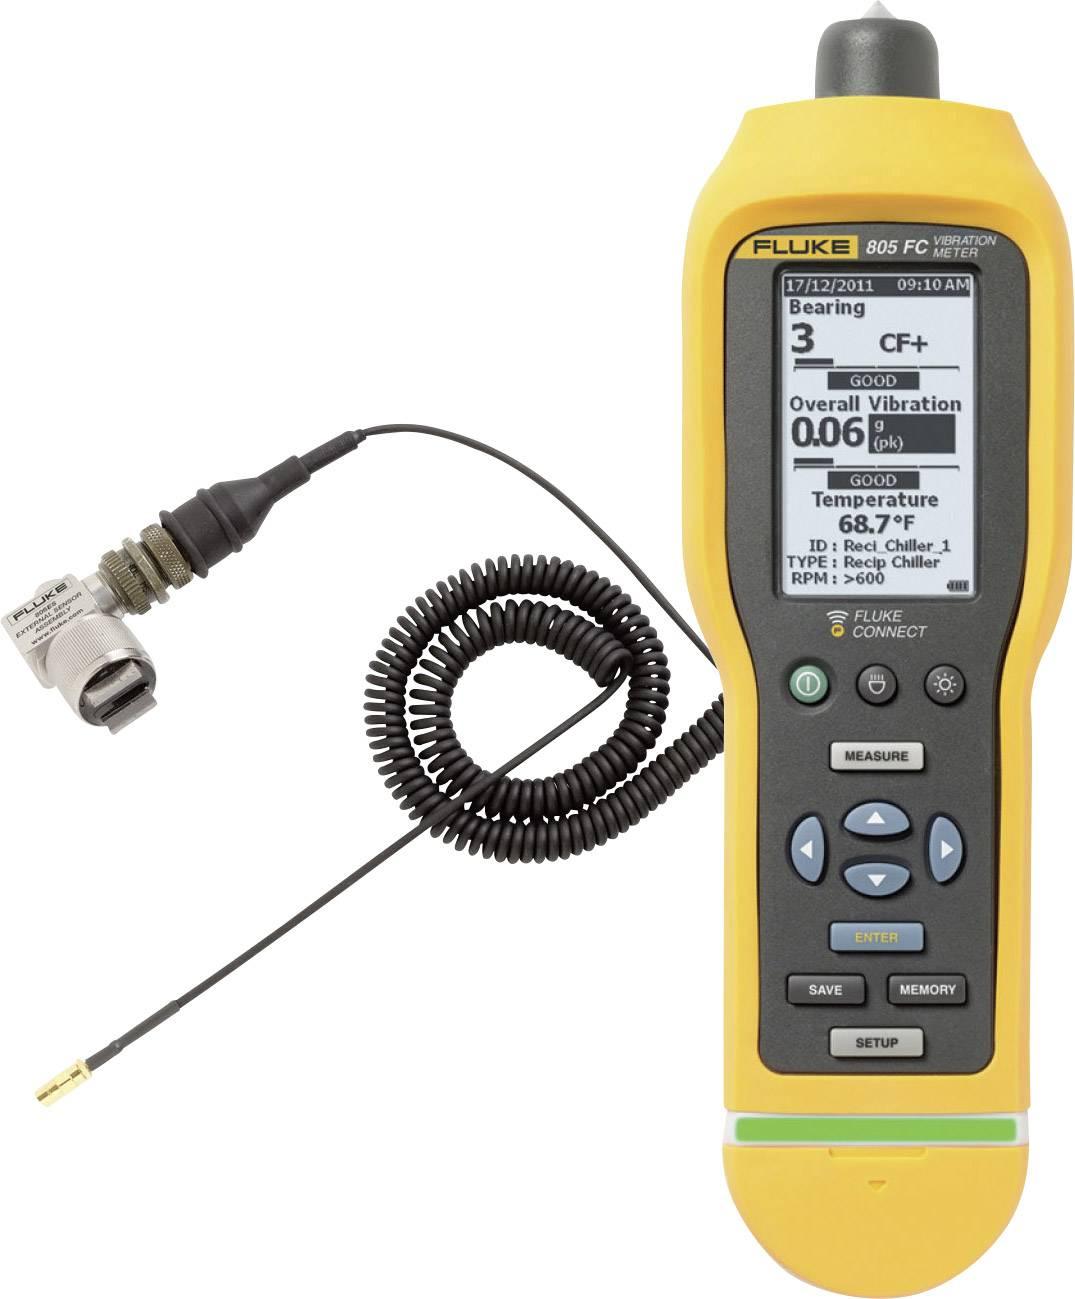 Měřič vibrací Fluke 805 FC/805 ES 4918373